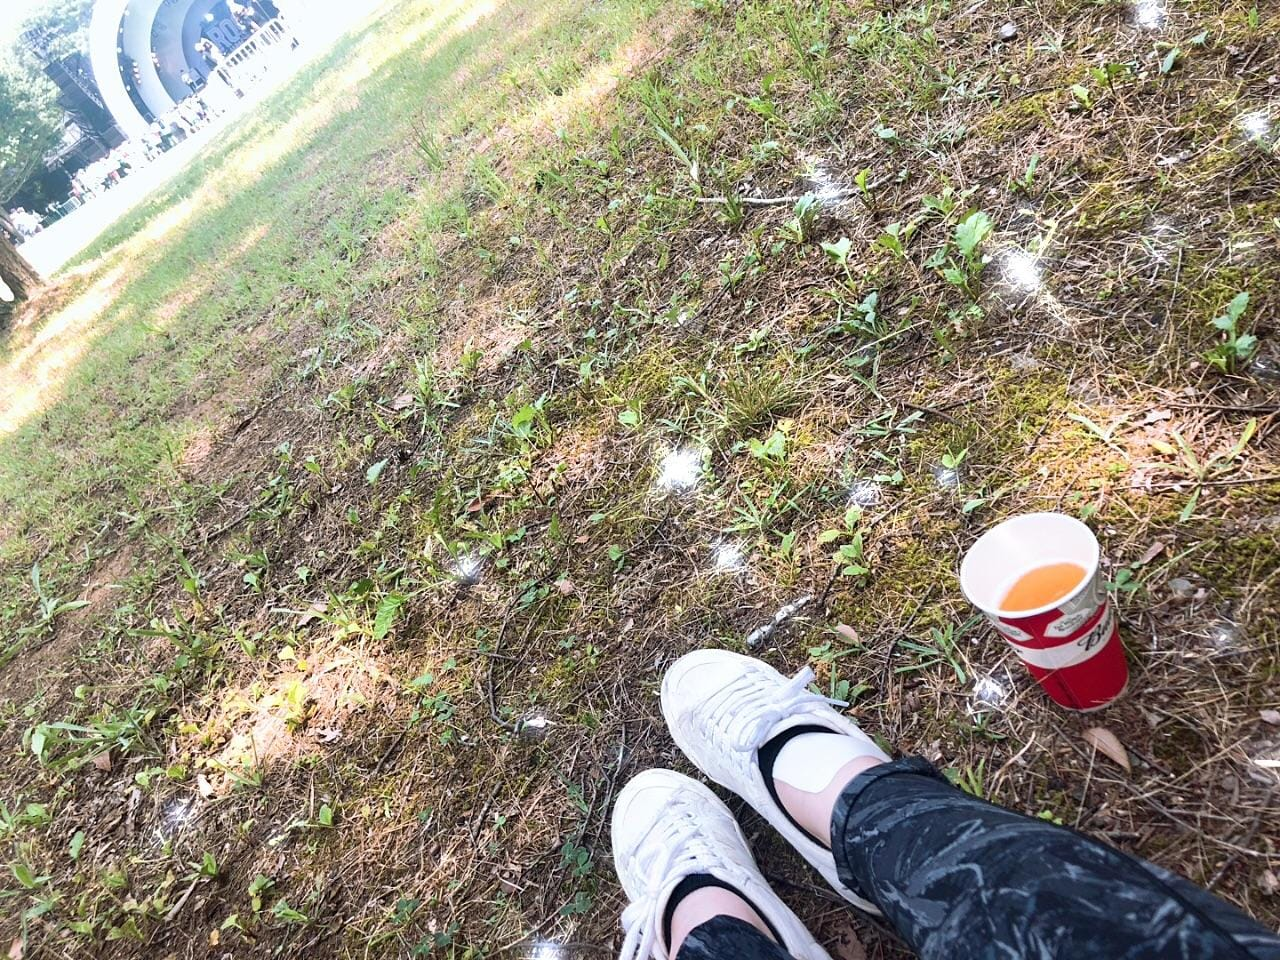 「何しに来てんだ」08/04(08/04) 12:02 | みずはの写メ・風俗動画